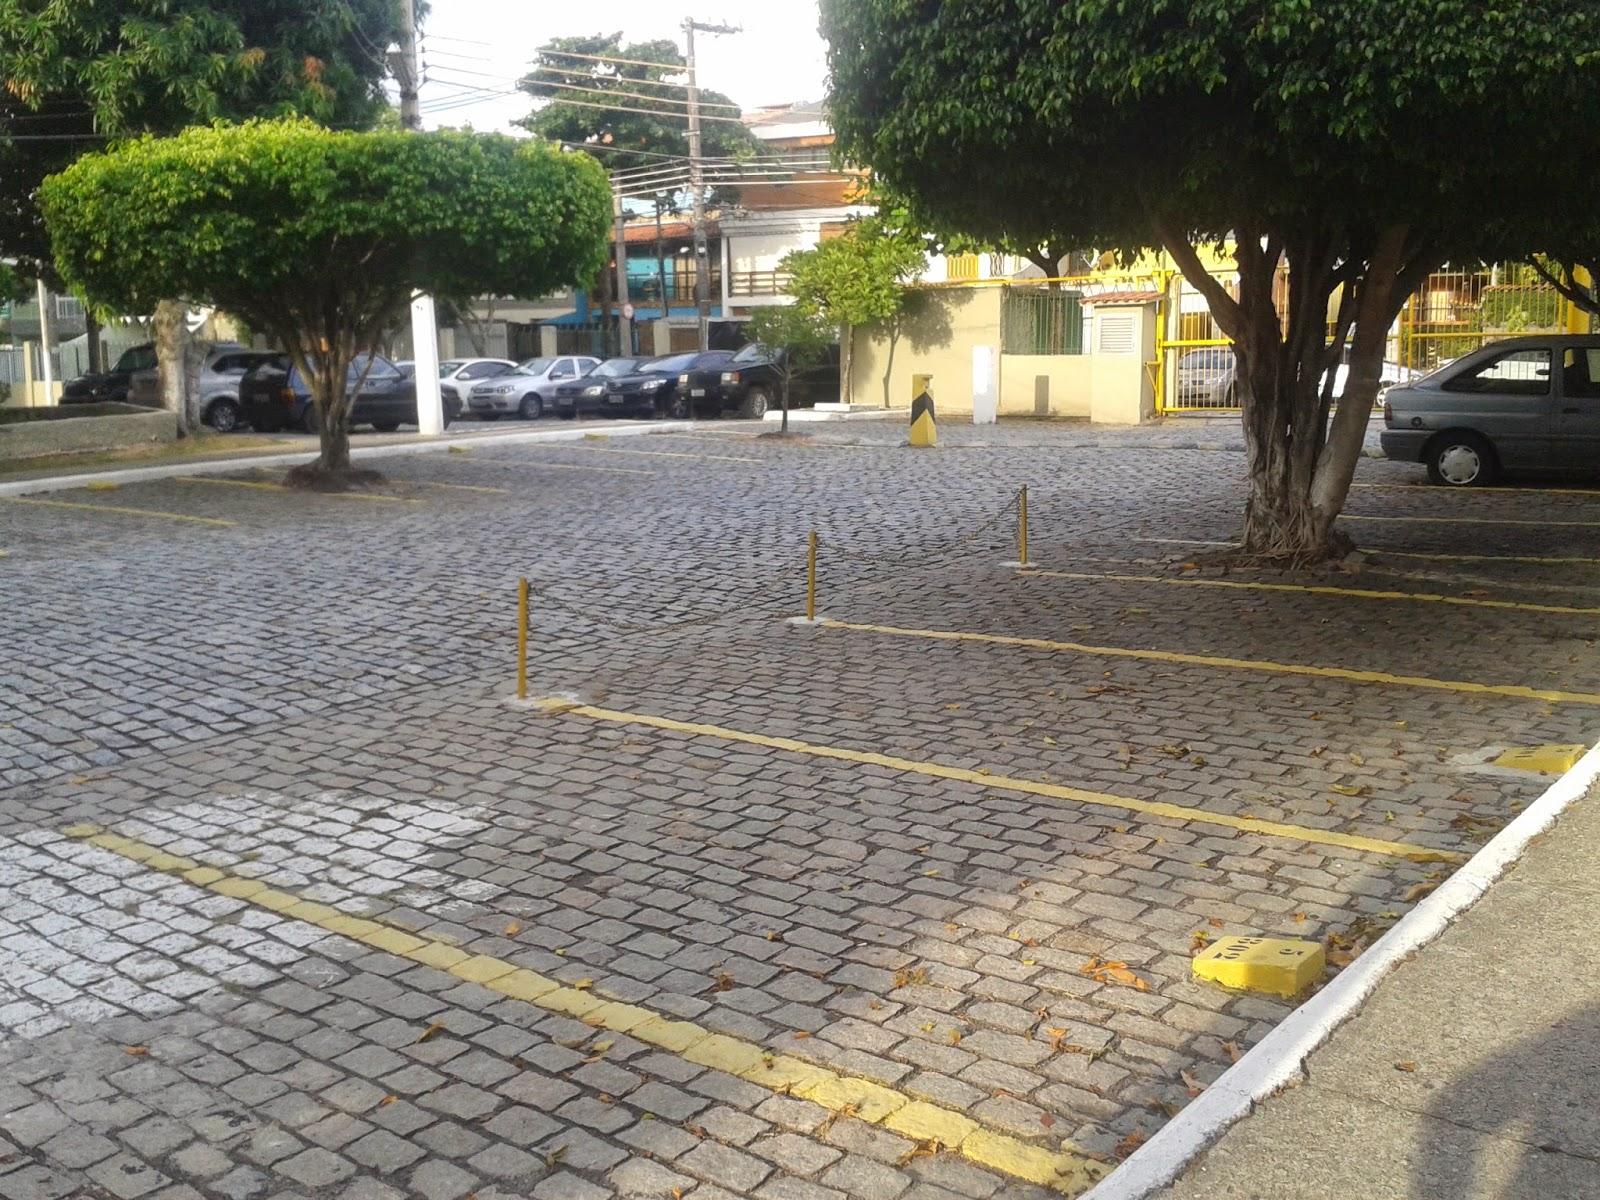 Imagens de #977D34 Apartamento Village Ilha do Governador Avelino Freire Imóveis 1600x1200 px 2886 Box Banheiro Ilha Do Governador